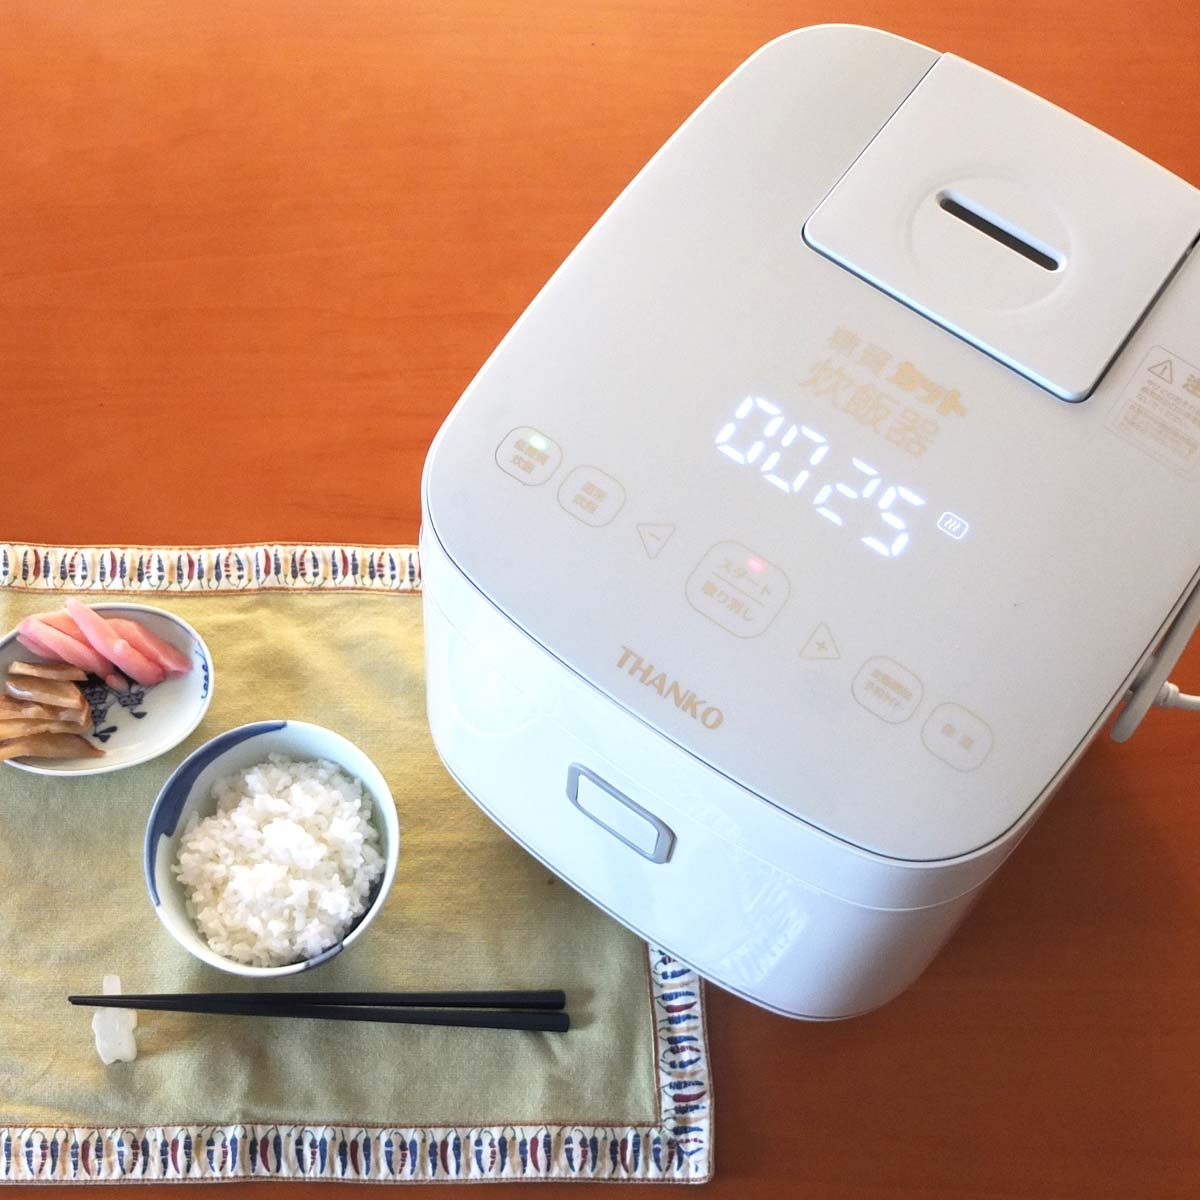 サンコー「糖質カット炊飯器 匠」で炊いたごはんの「おいしさ」を検証してみた!